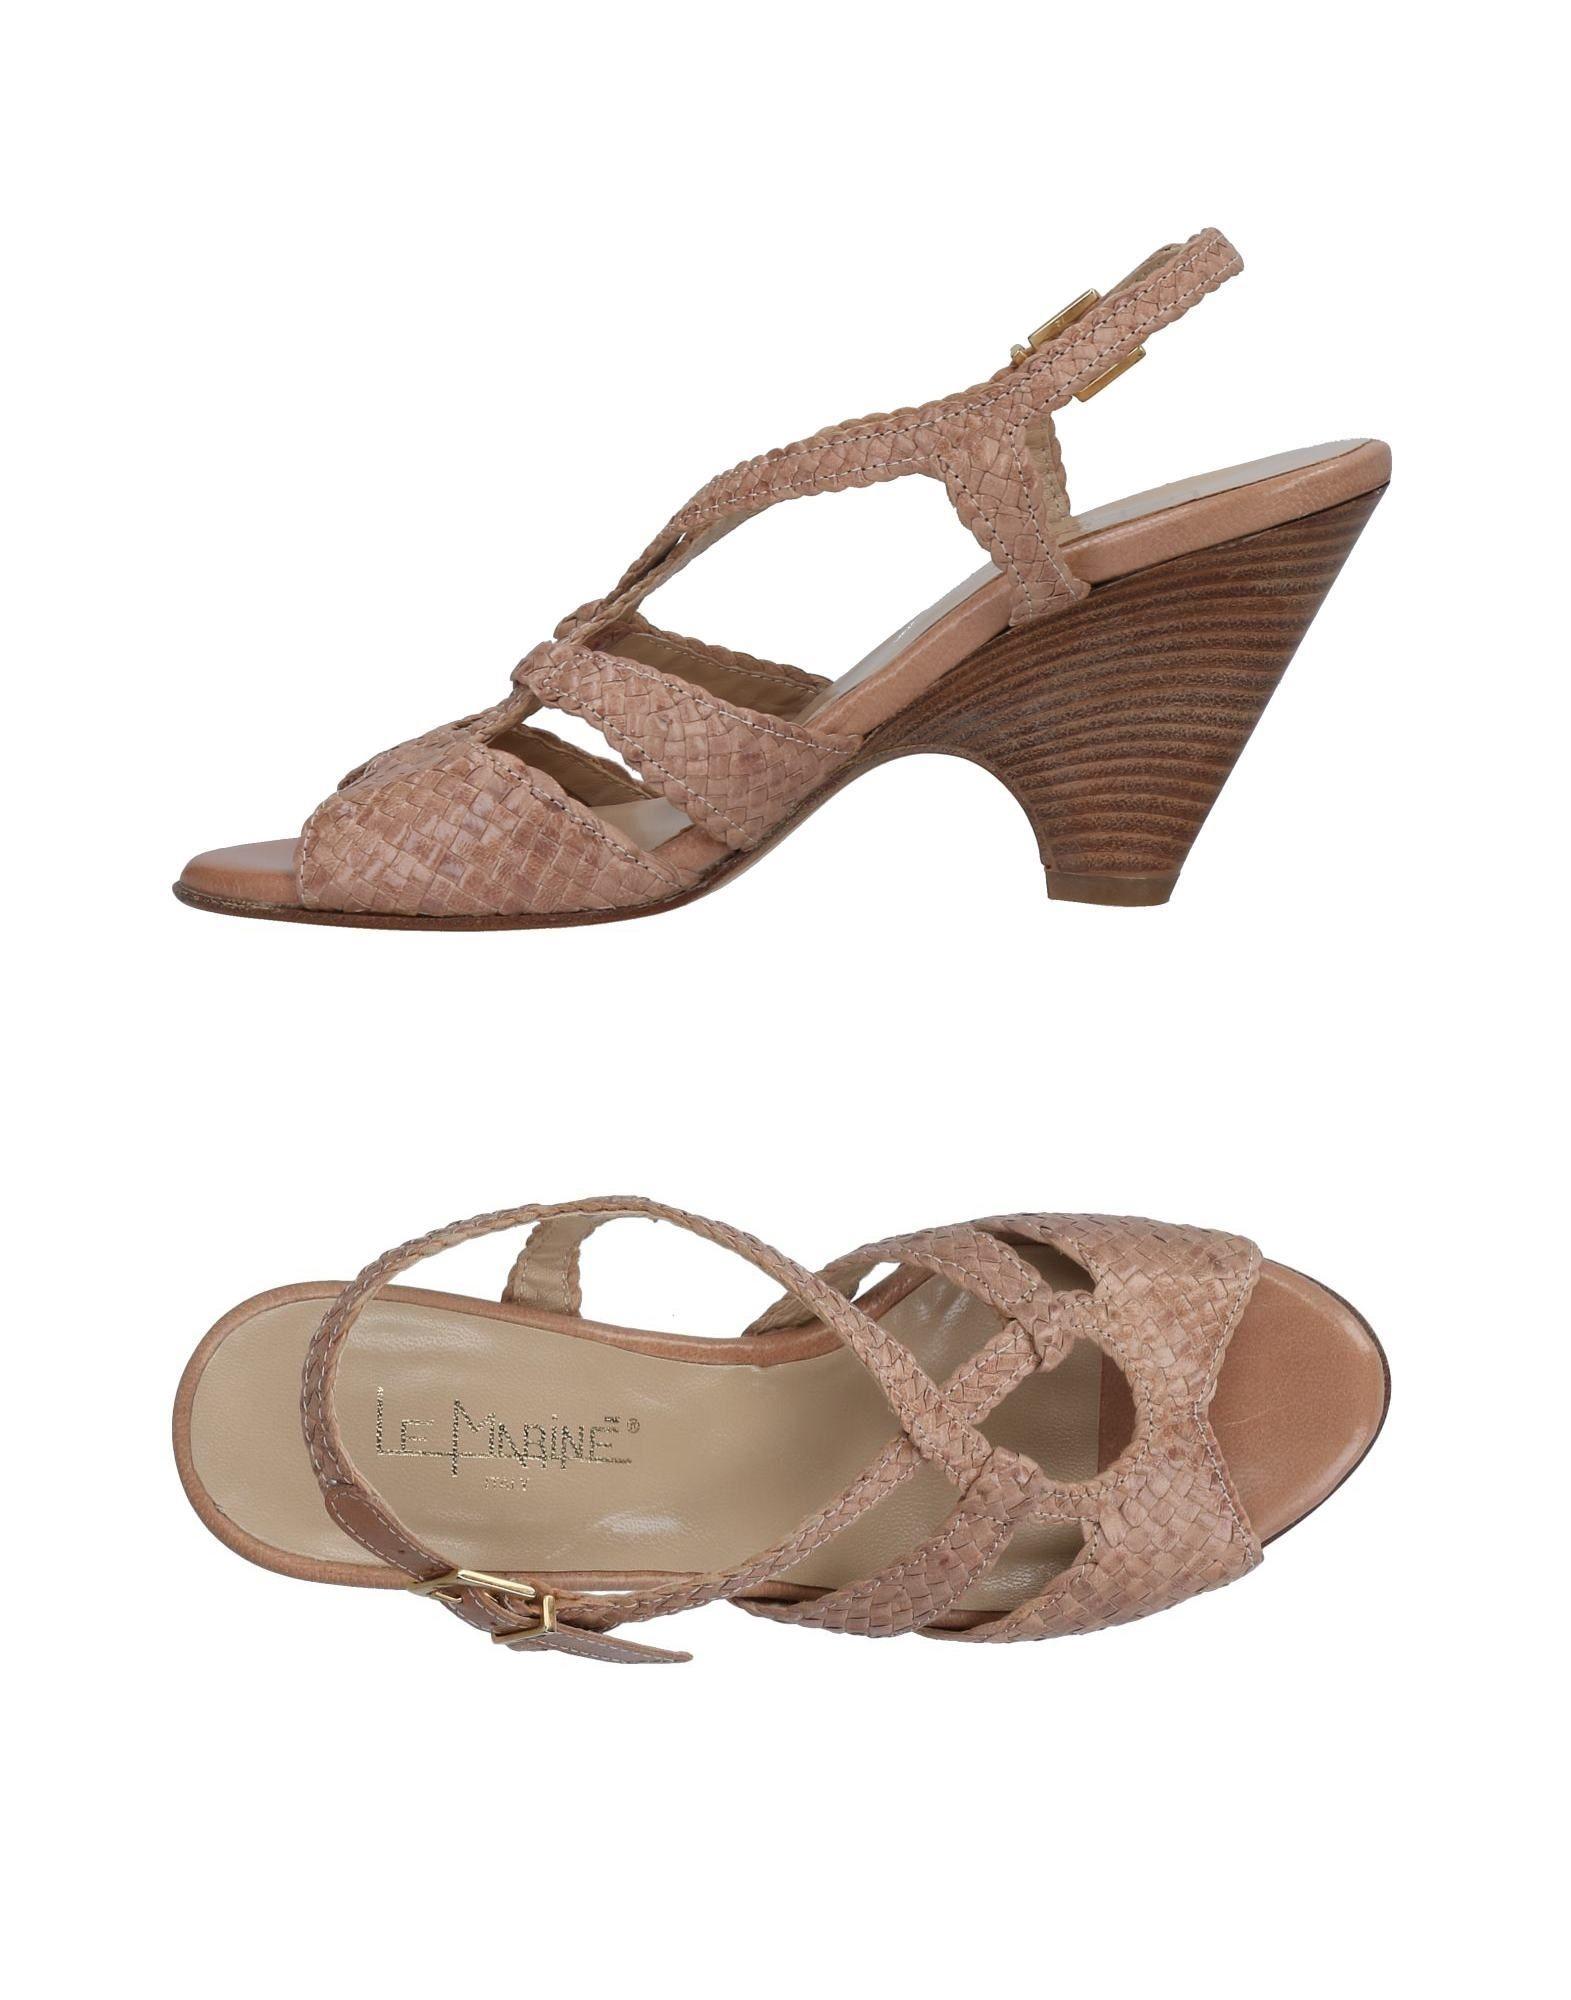 Le Marinē Sandalen Damen 11486591DK Gute Qualität beliebte Schuhe